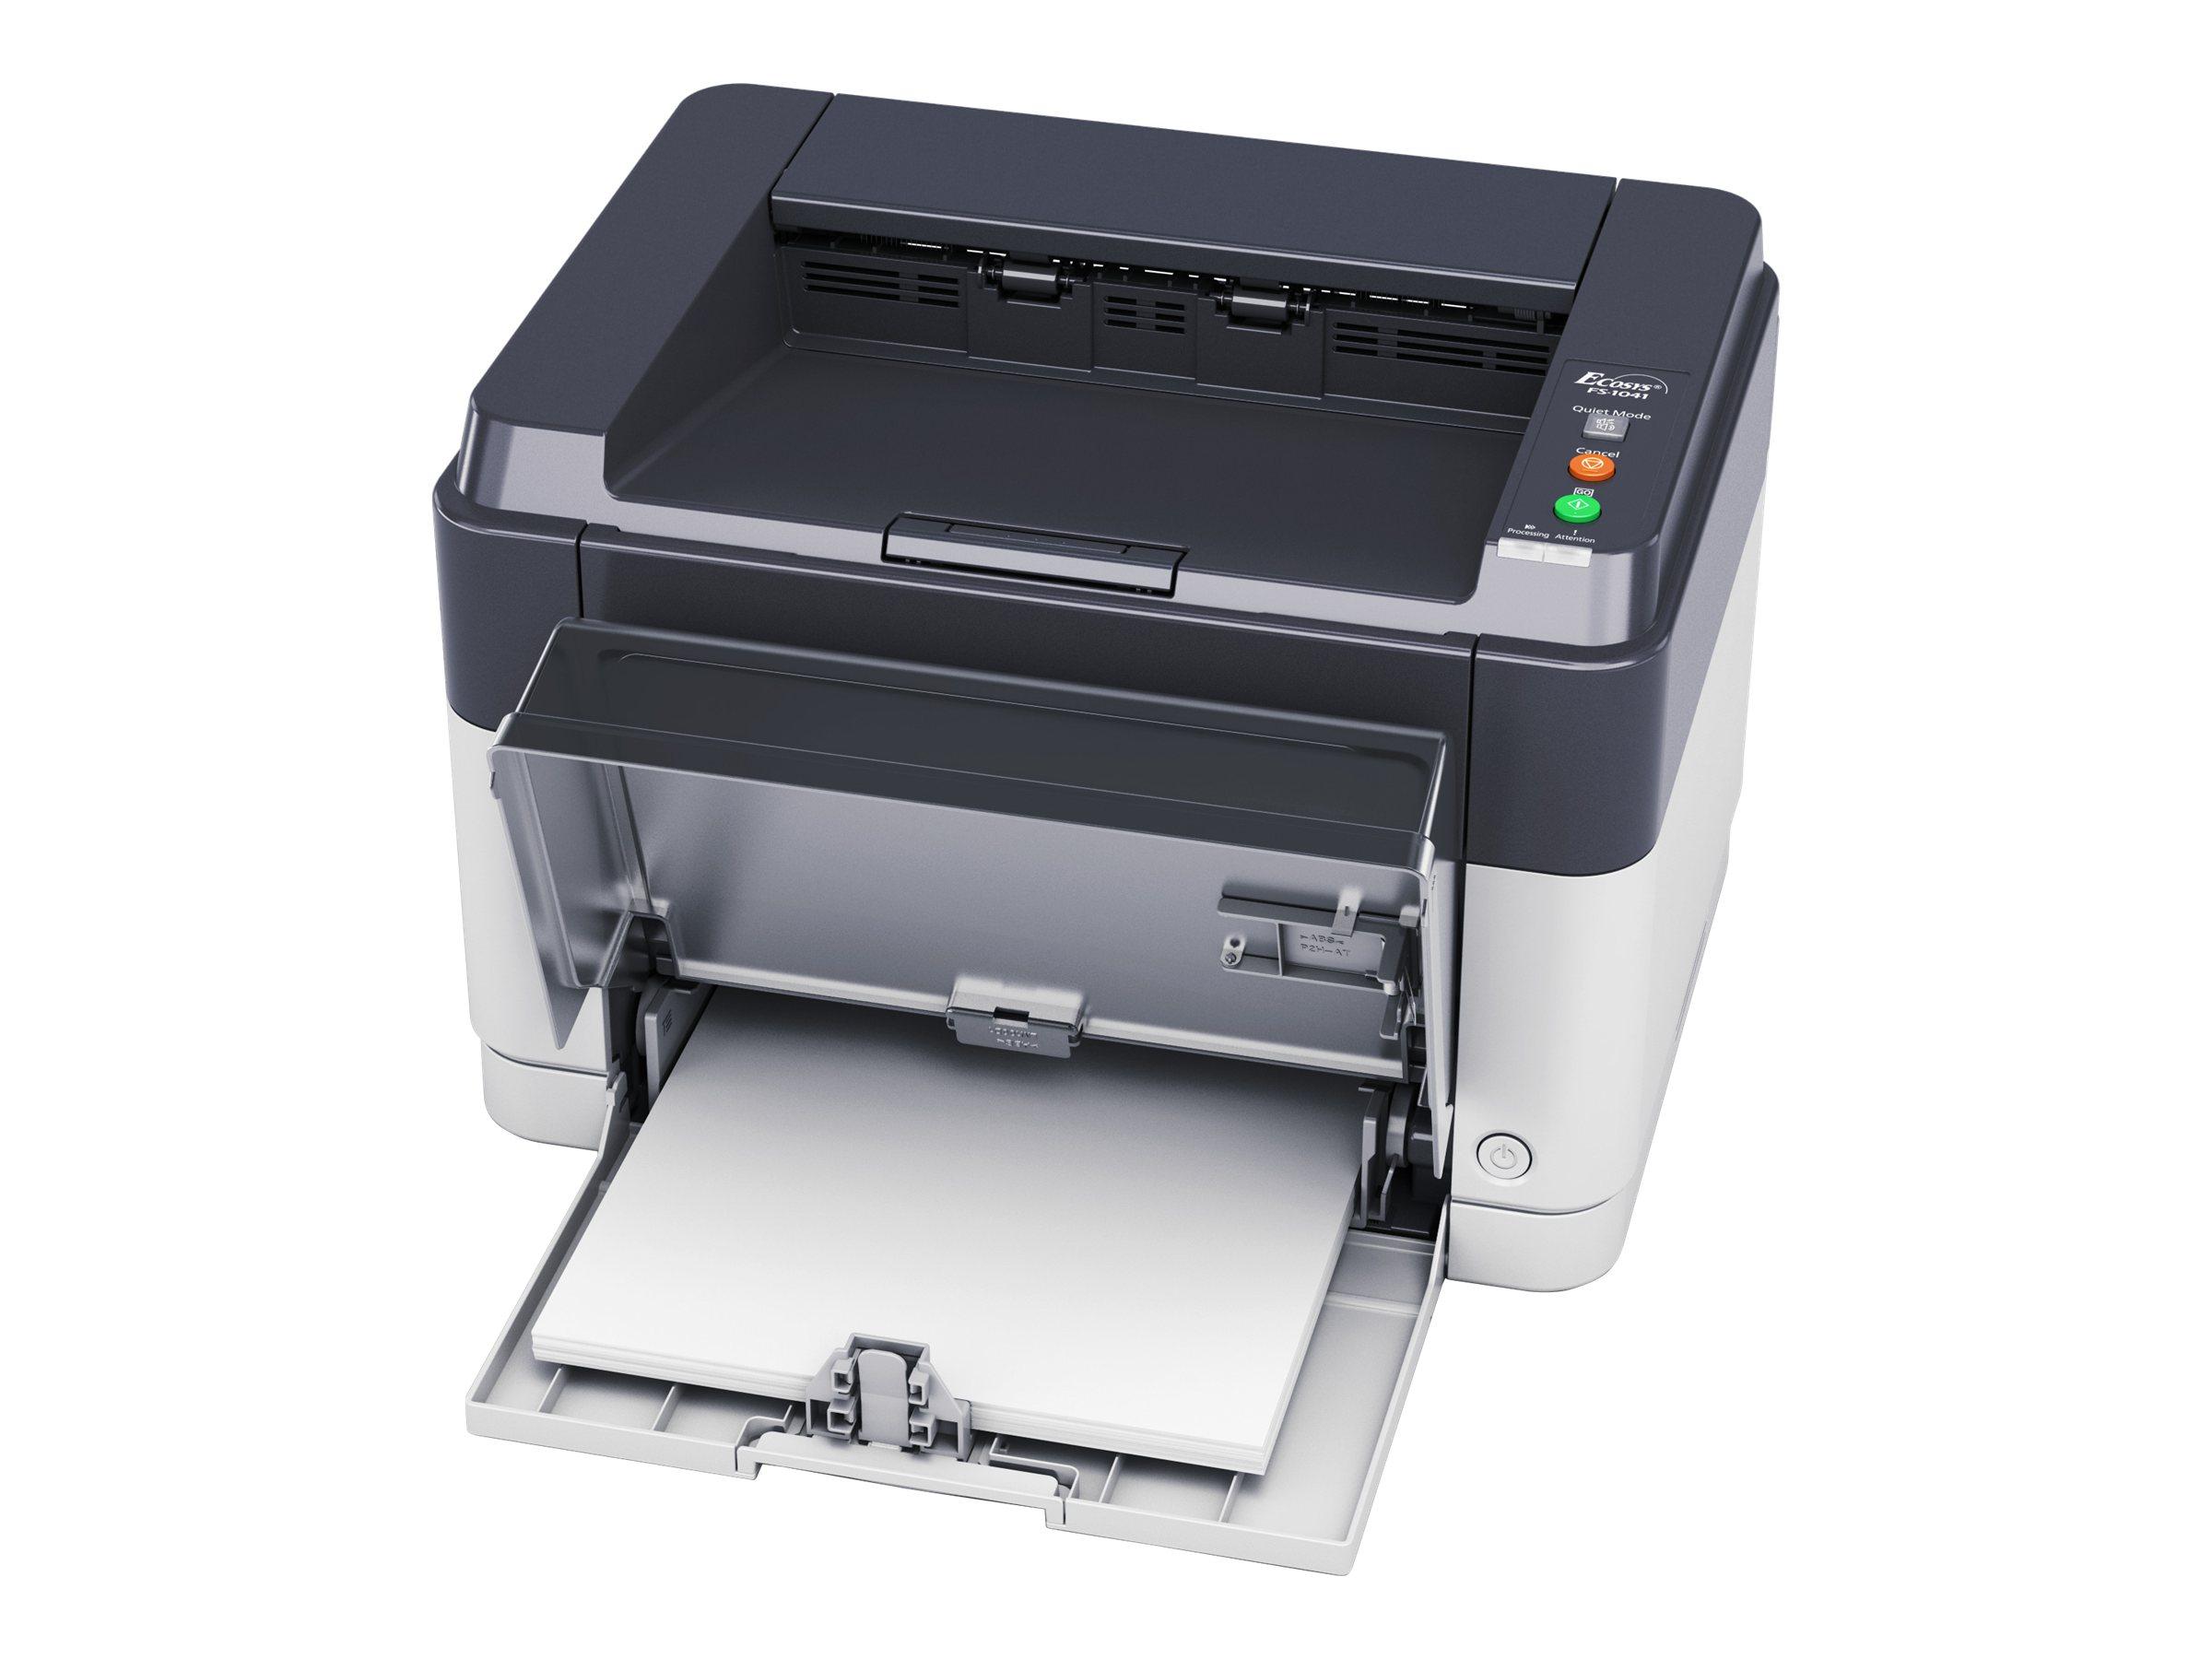 Vorschau: Kyocera FS-1041 - Drucker - monochrom - Laser